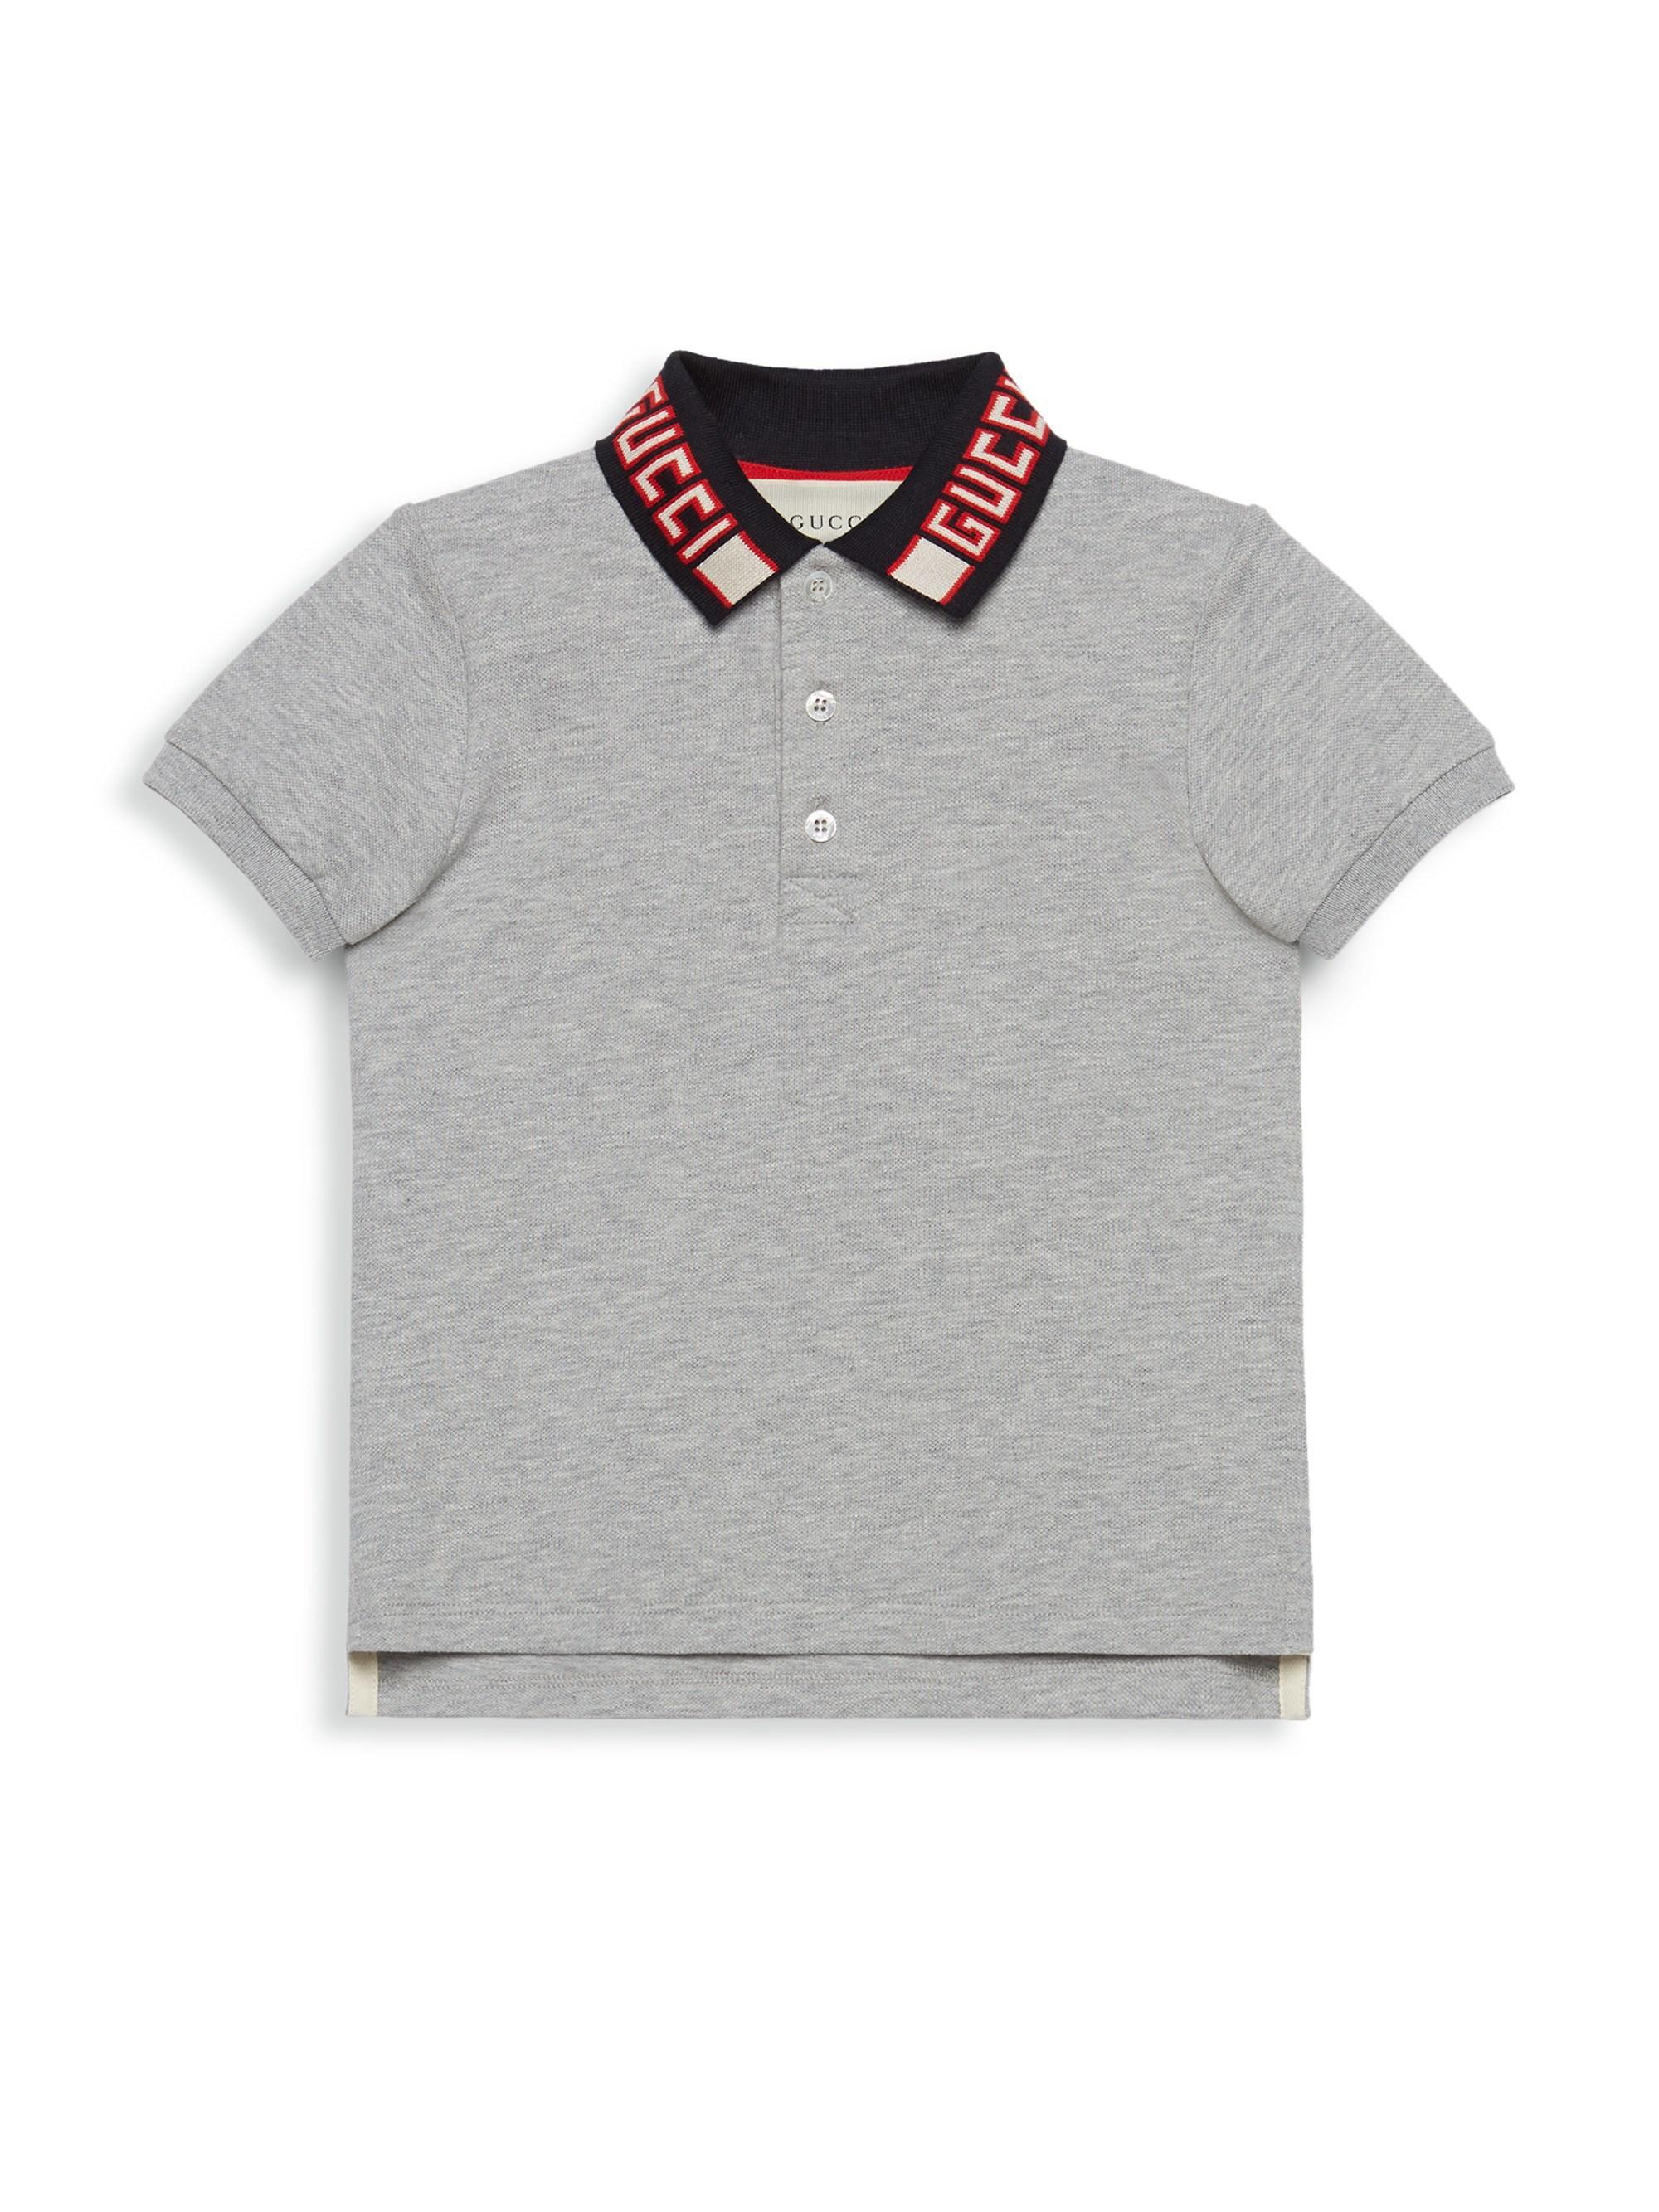 6c89bebf00f5 Lyst - Gucci Little Boy's & Boy's Logo Collar Polo in Gray for Men